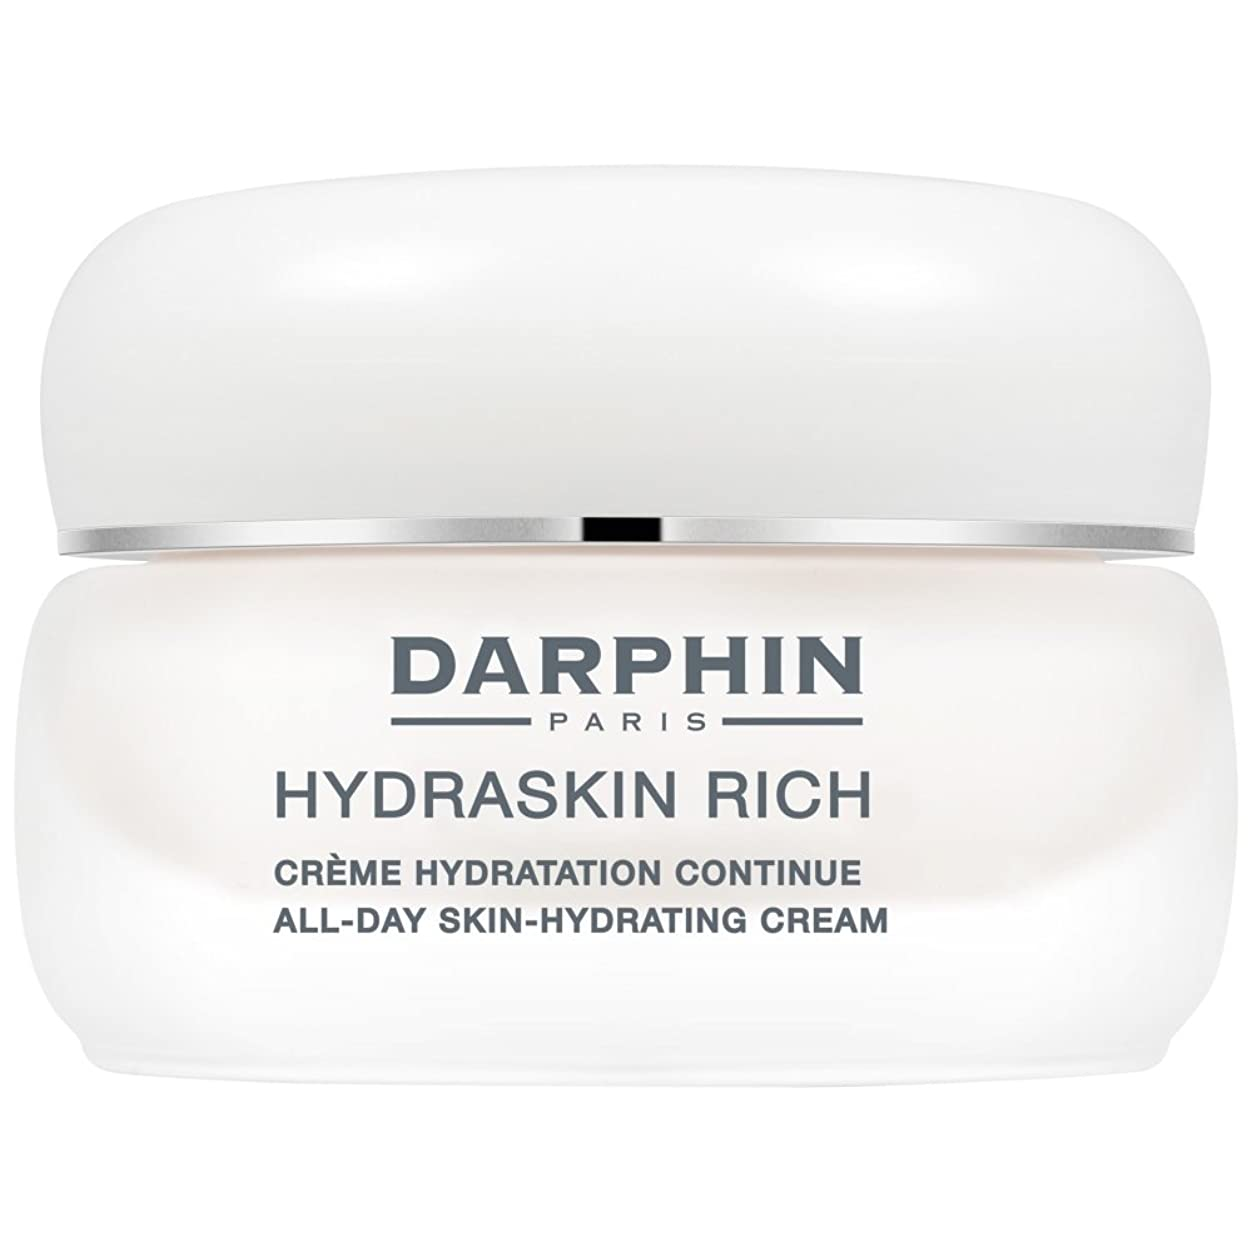 オーストラリア人栄養交通渋滞ダルファンリッチHydraskin、50ミリリットル (Darphin) (x6) - Darphin Hydraskin Rich, 50ml (Pack of 6) [並行輸入品]